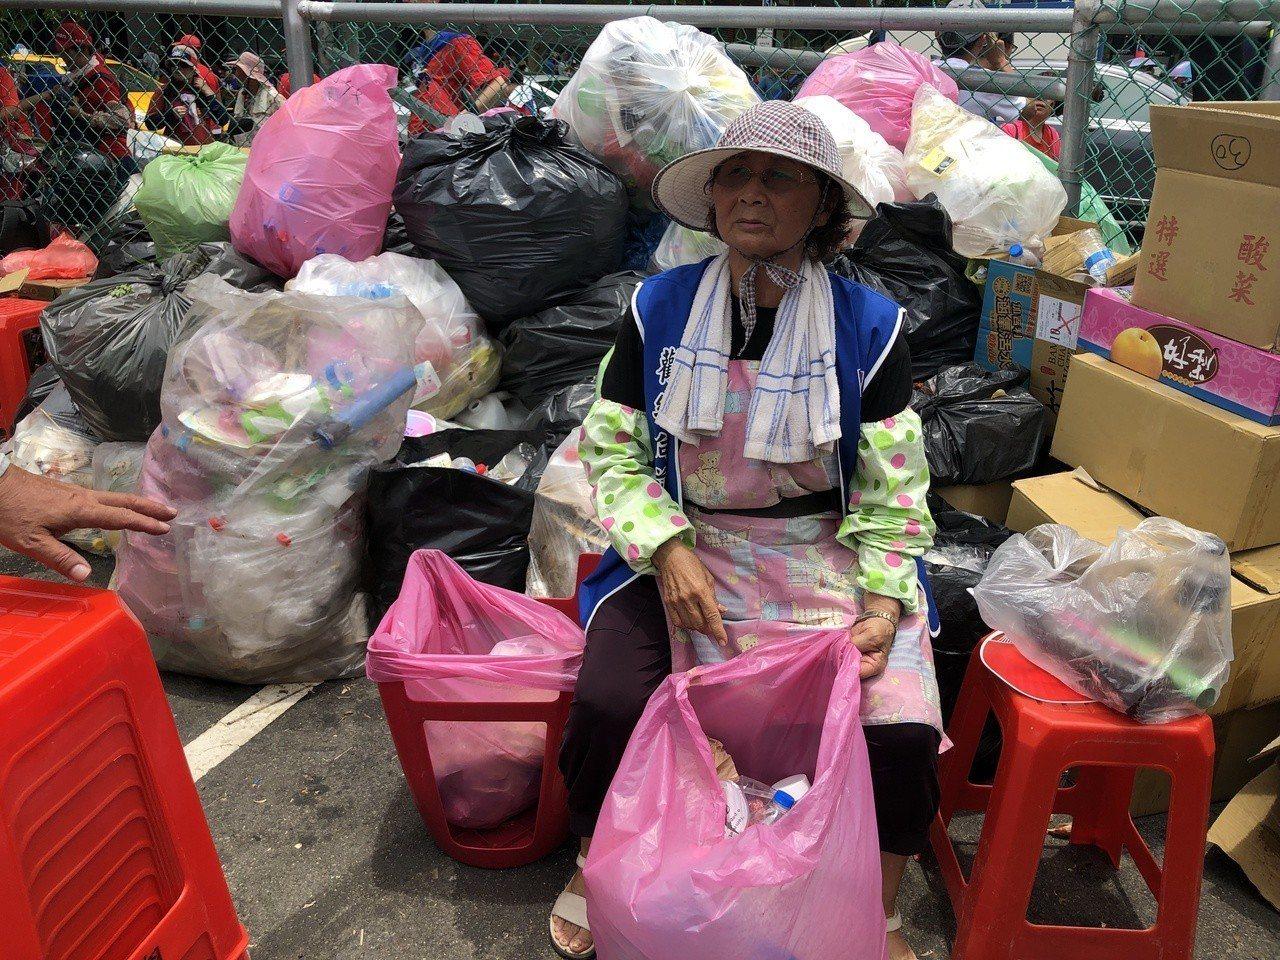 韓國瑜造勢大會現場,昨有不少志工揮汗清理垃圾。圖/讀者提供